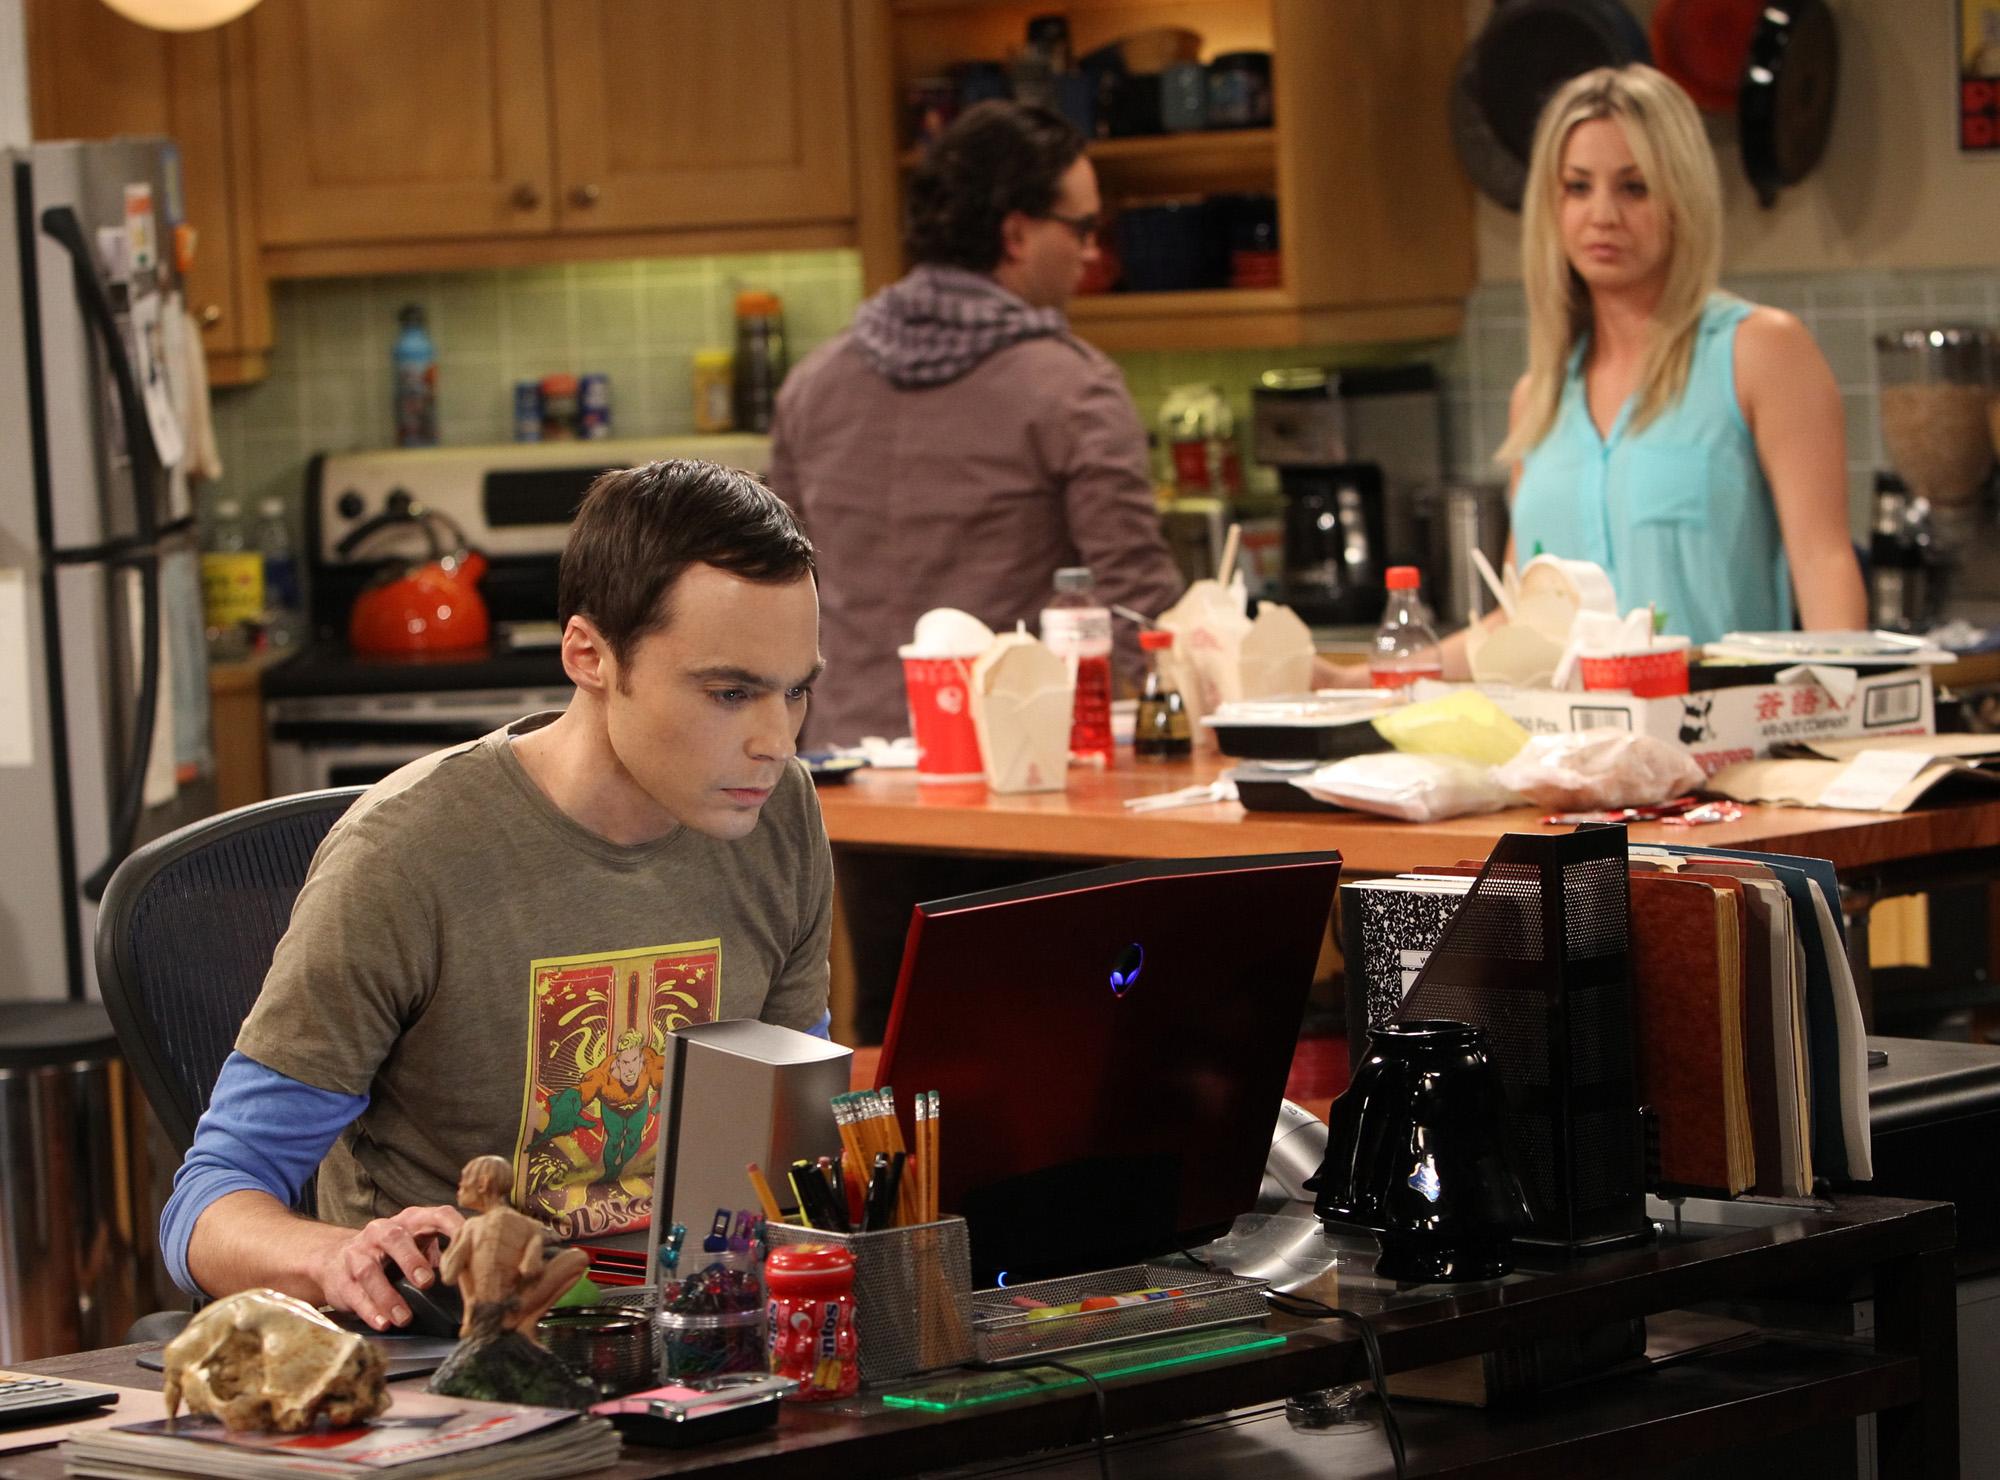 Focused Sheldon in